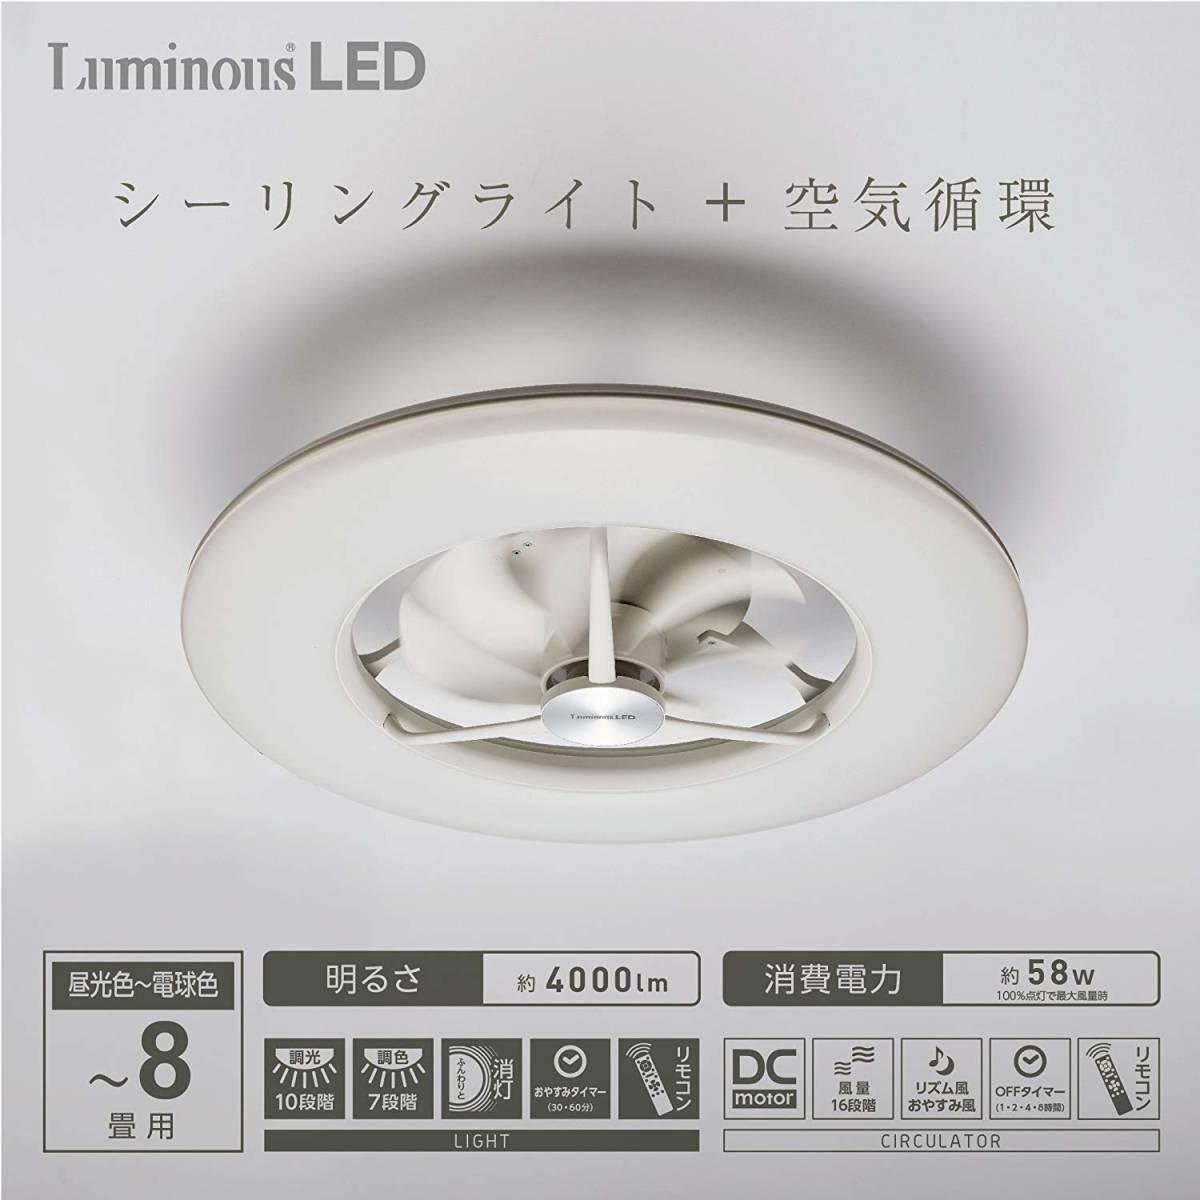 LED シーリングサーキュレーター ルミナス ~8畳 調光調色タイプ 光拡散レンズ搭載 シンプルリモコン付き ACC-08CM154_画像2